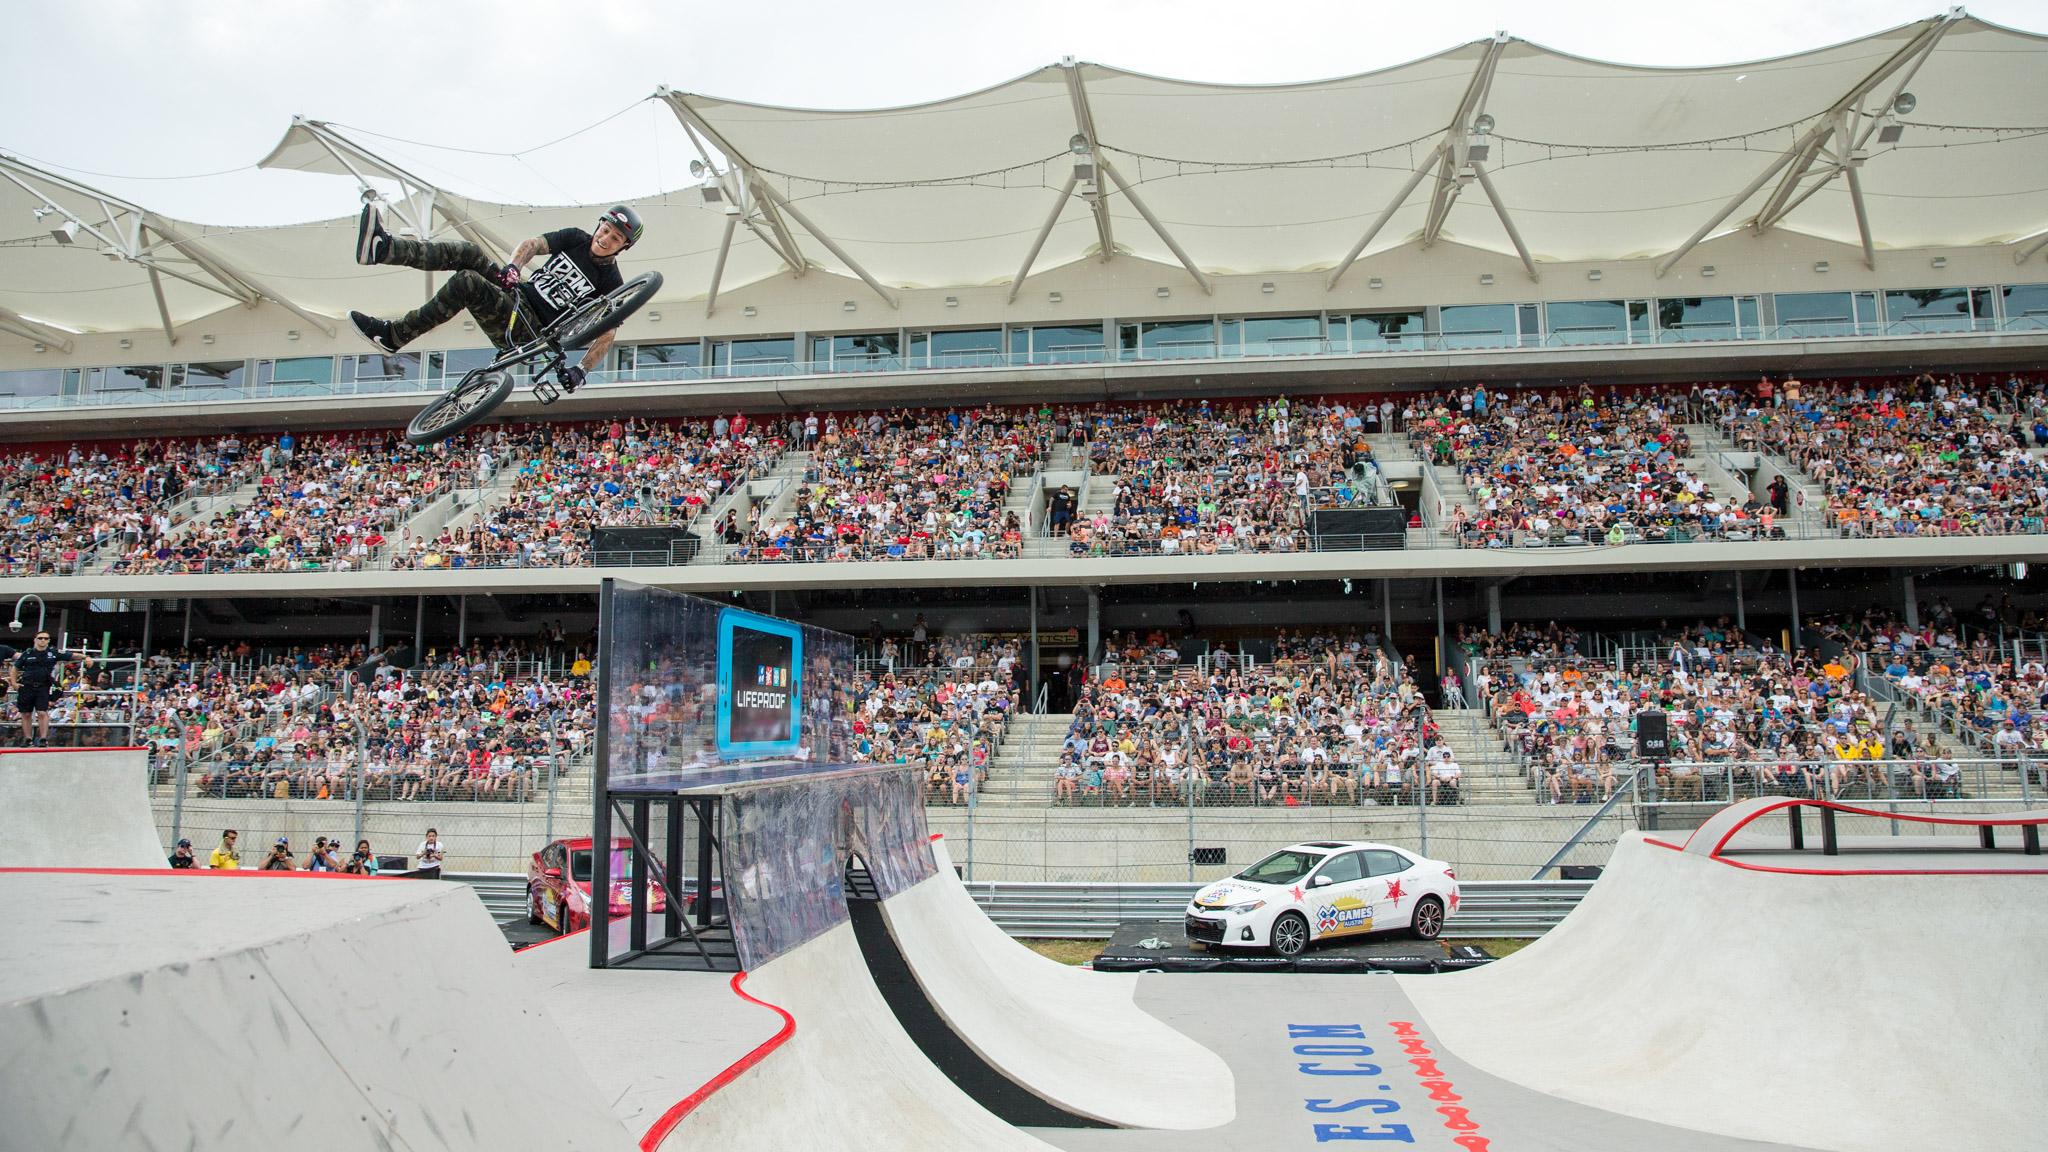 BMX Mirra Best Trick: Kyle Baldock